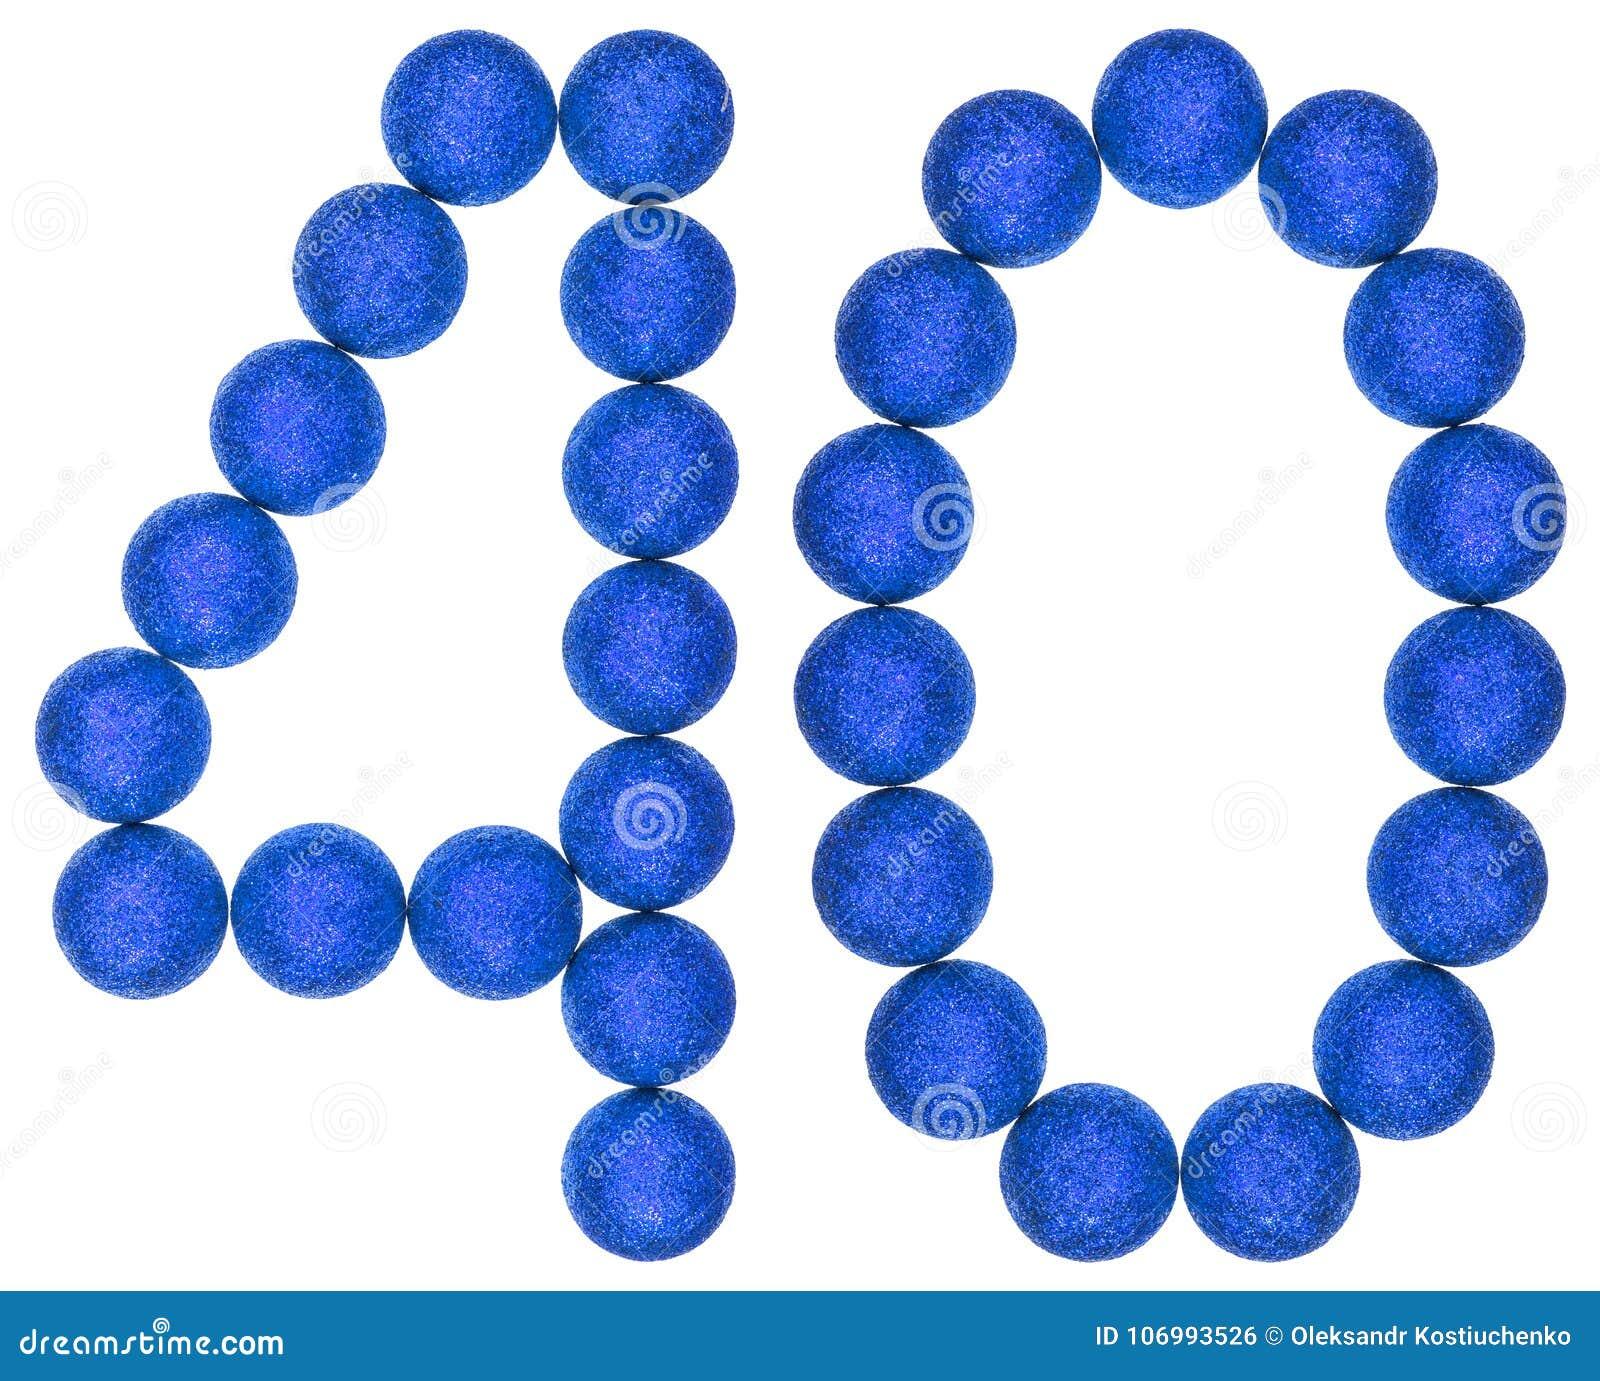 Liczebnik 40, czterdzieści, od dekoracyjnych piłek, odizolowywać na bielu plecy